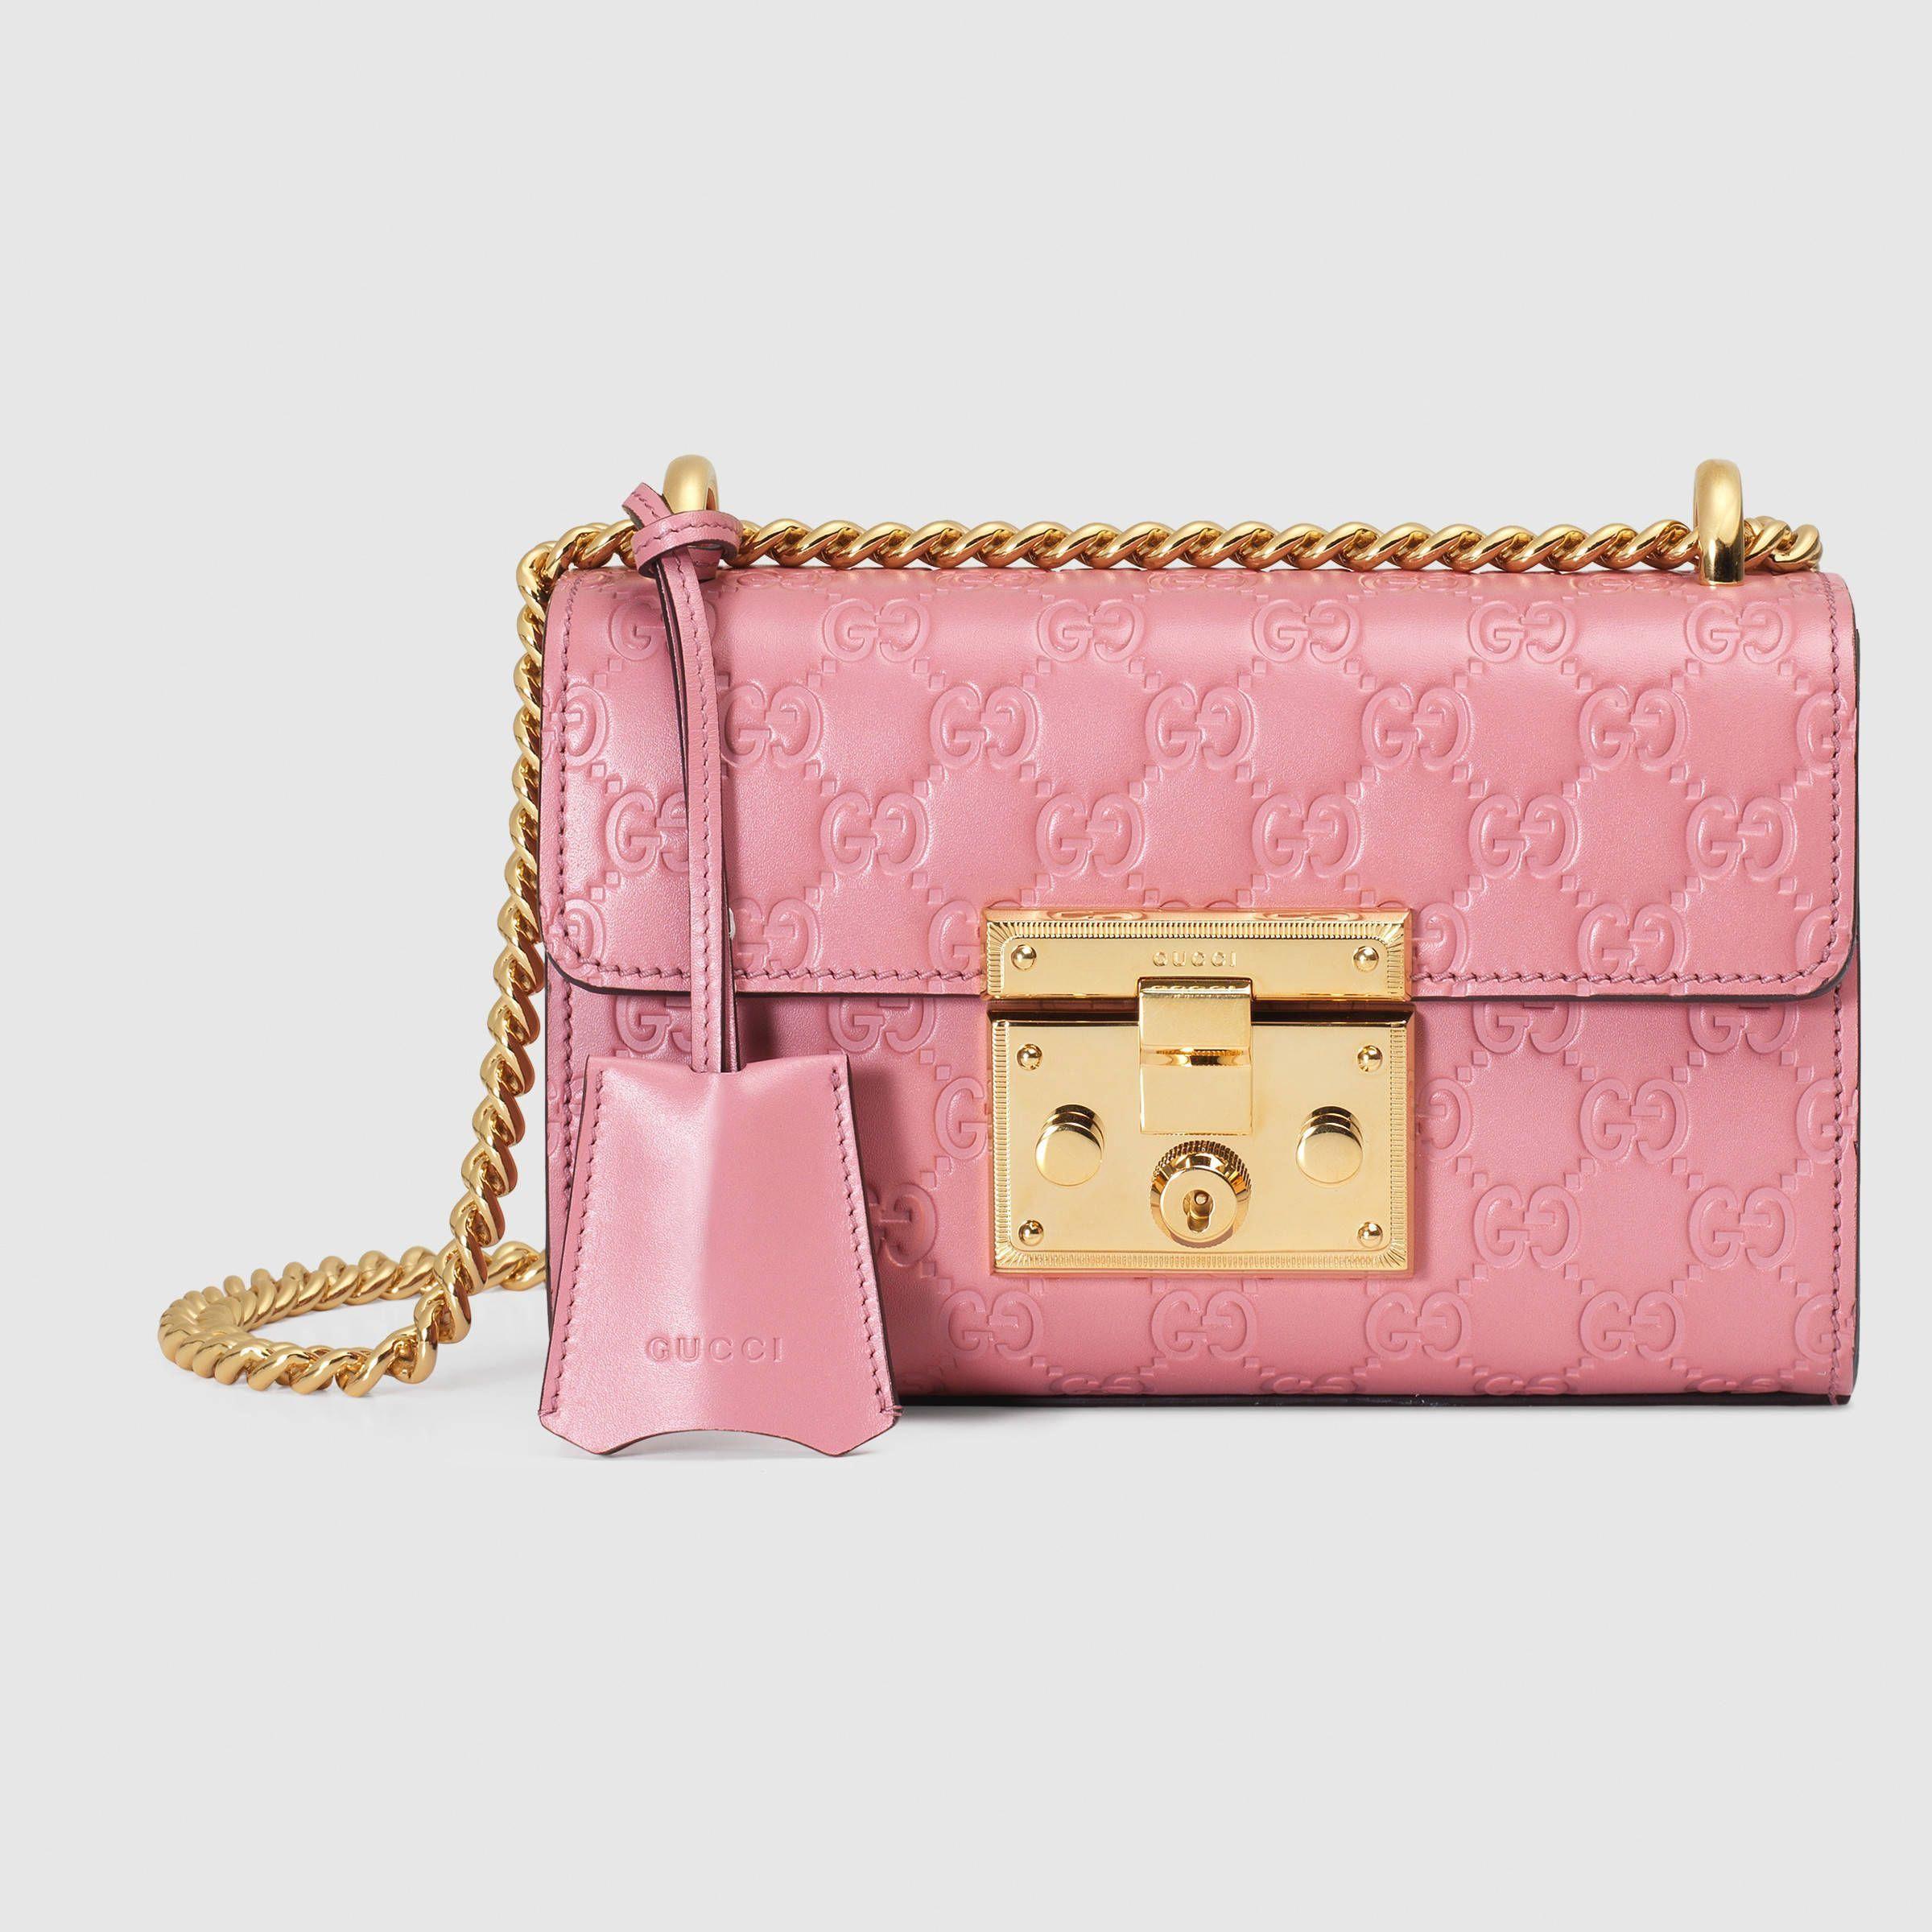 74f9a196581 Gucci Women - Padlock Gucci Signature shoulder bag - 409487CWC1G5812   Guccihandbags